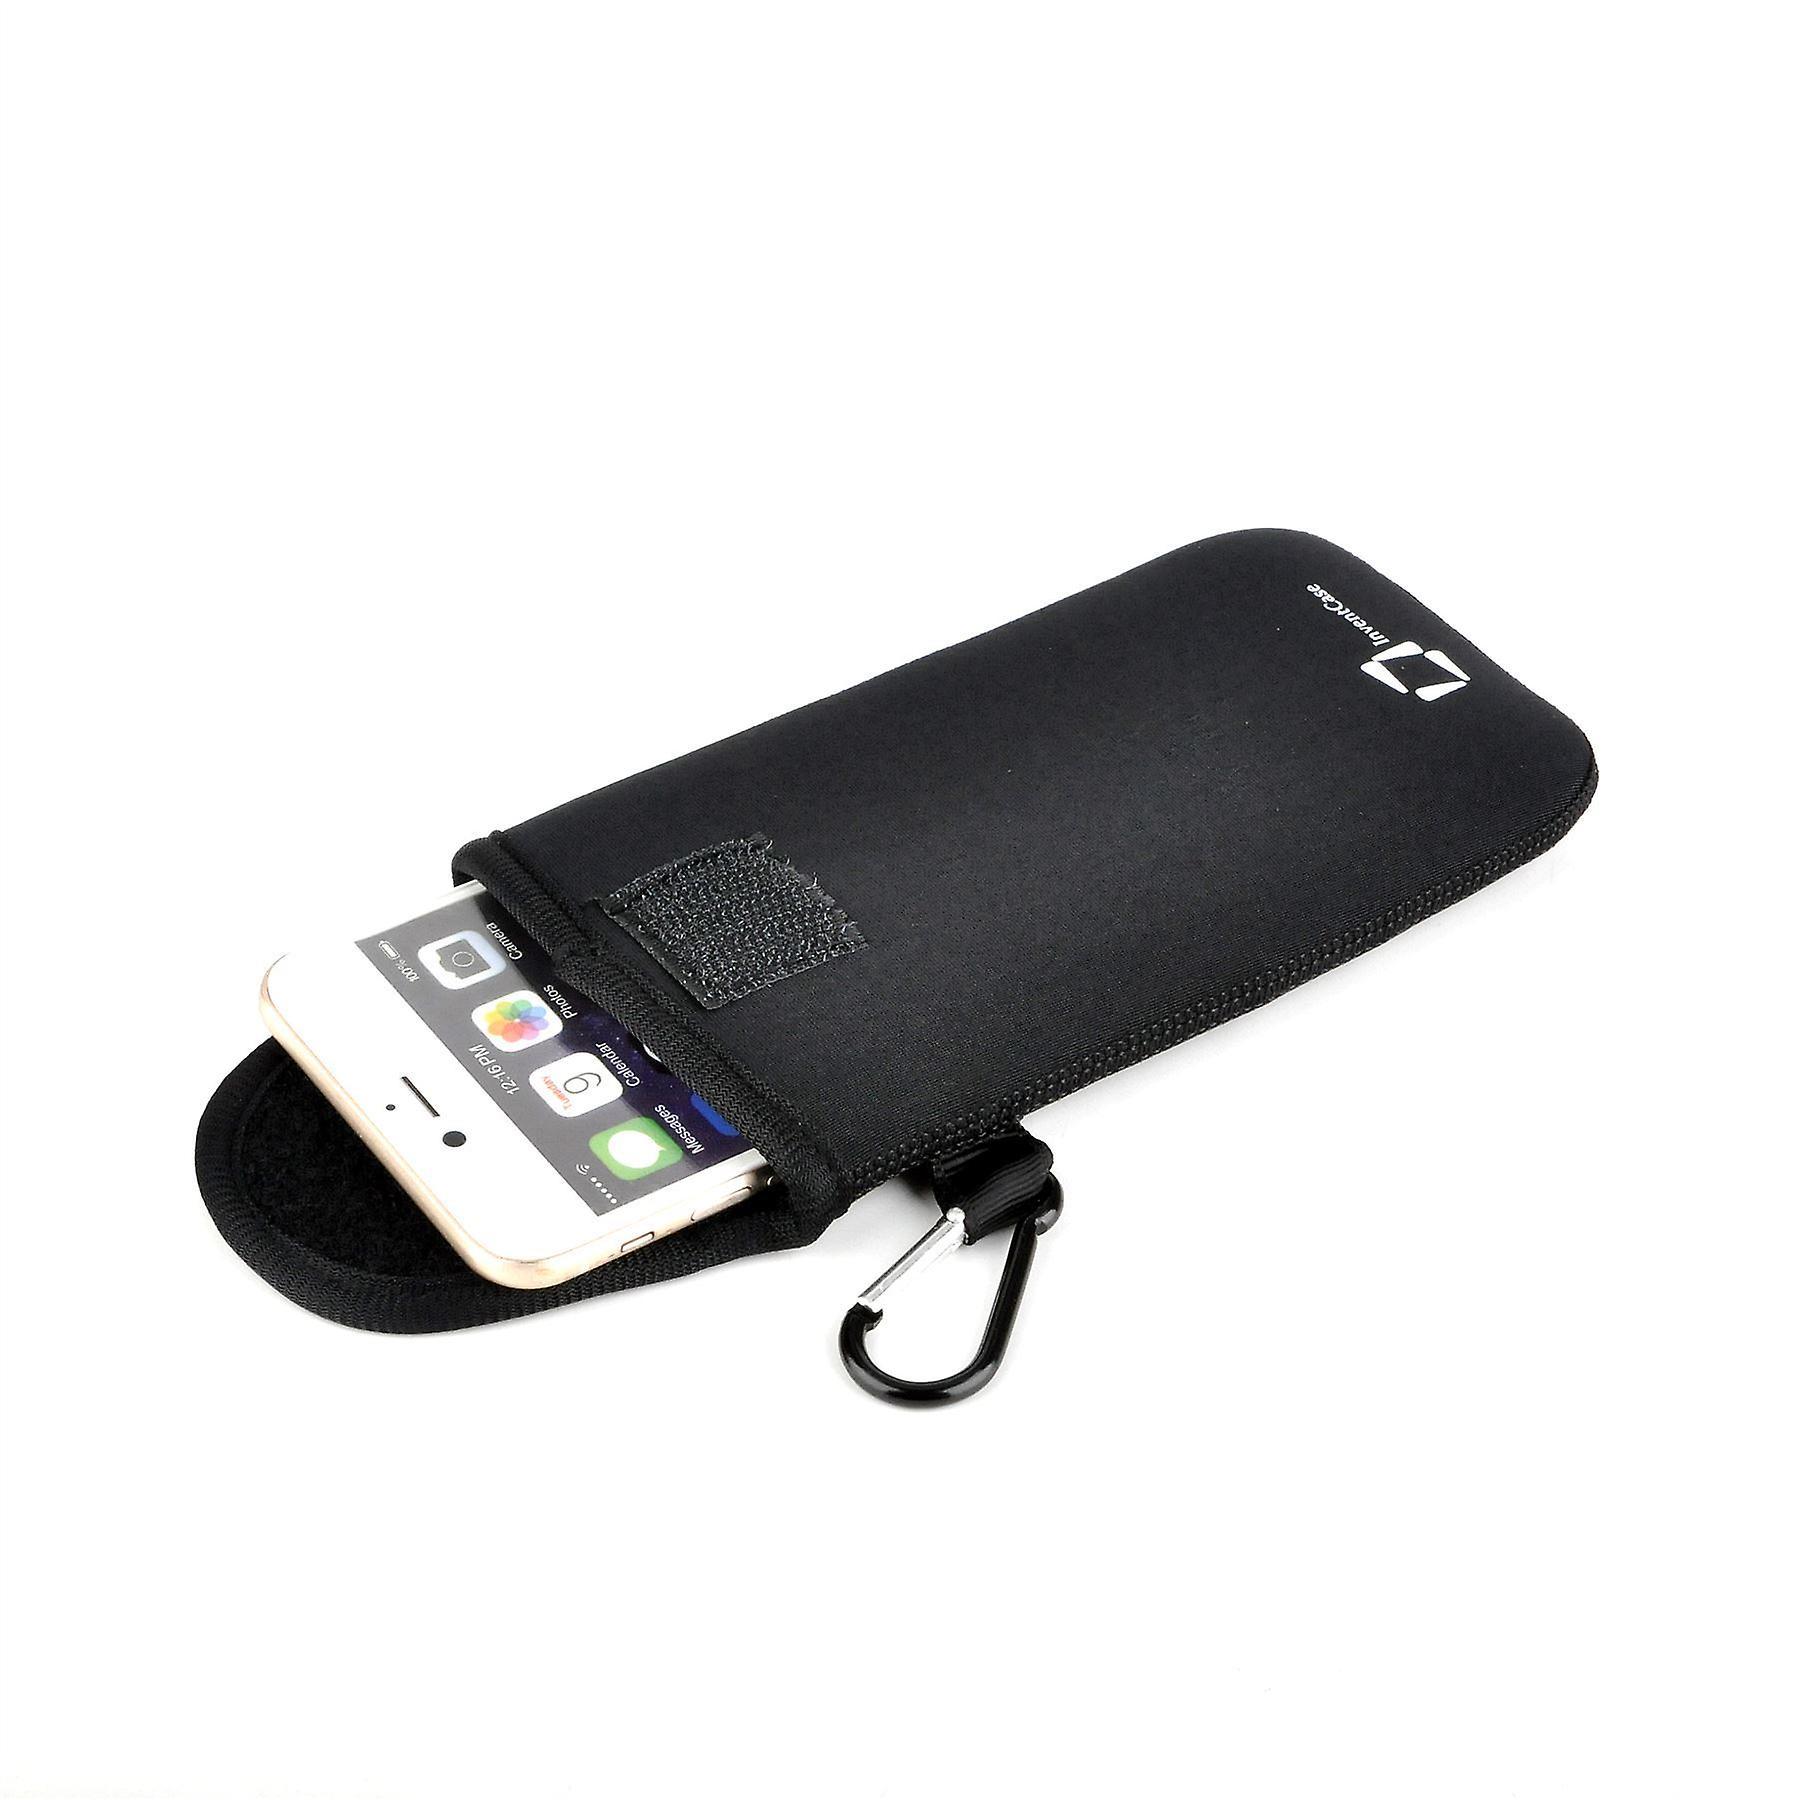 إينفينتكاسي النيوبرين أثر مقاومة الحمائية الحقيبة القضية تغطية حقيبة مع Velcro الإغلاق و Carabiner الألومنيوم ل S4 غالاكسي سامسونج ميني--الأسود